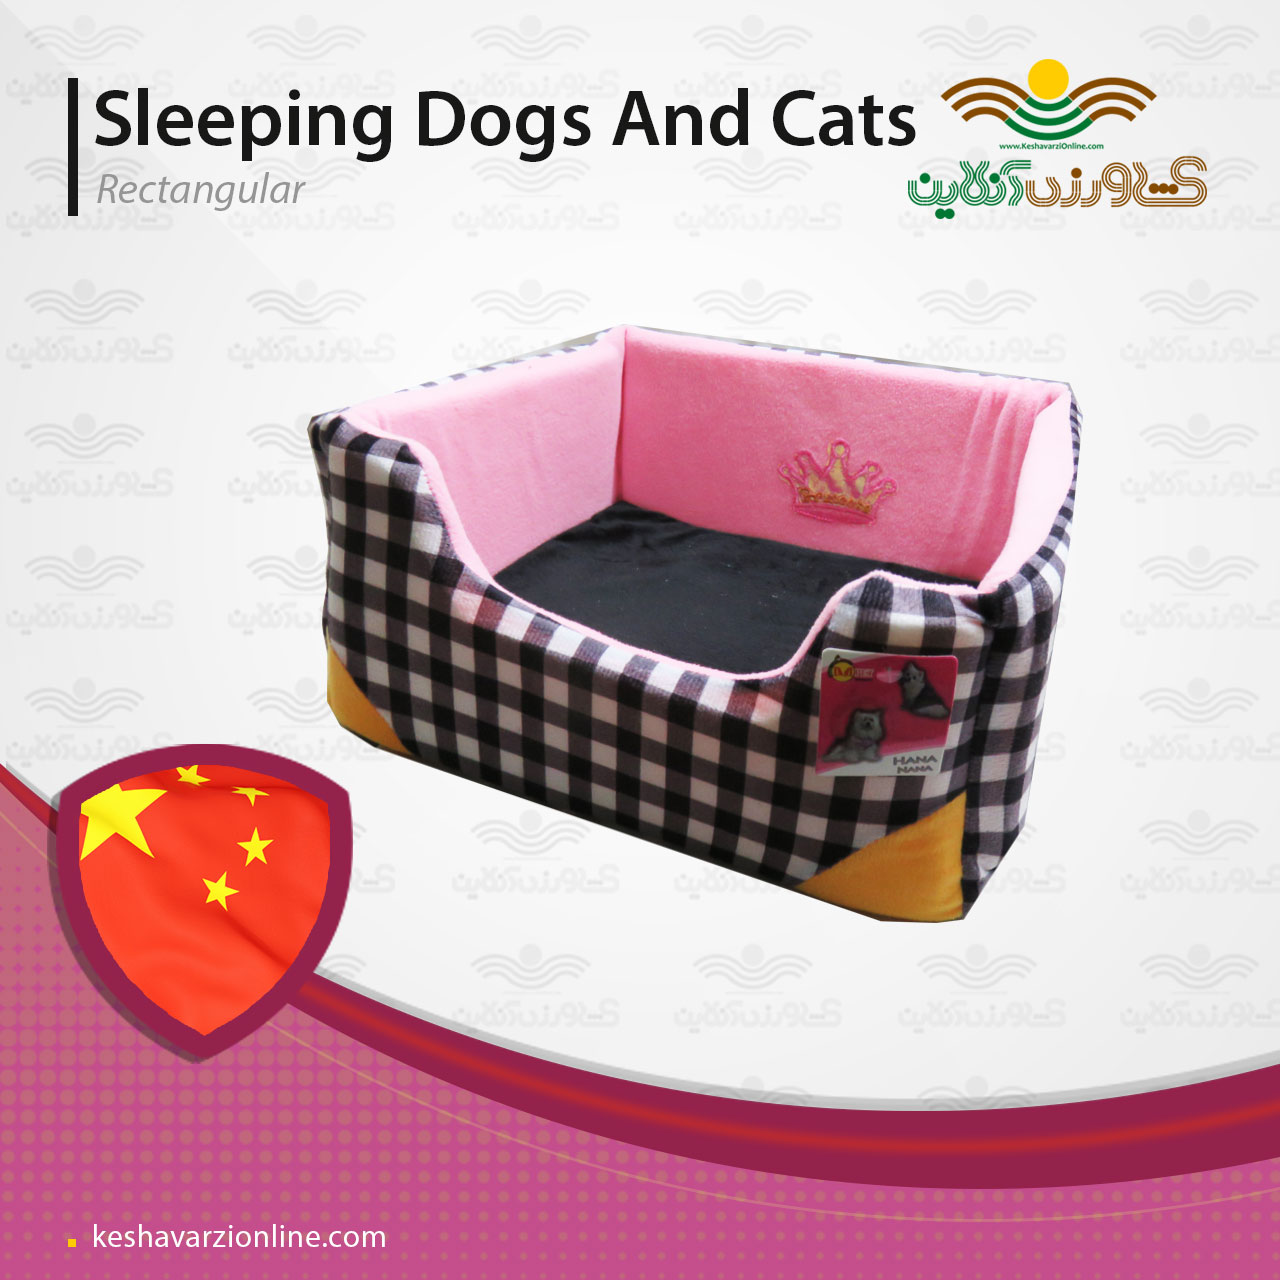 جای خواب سگ و گربه مستطیلی